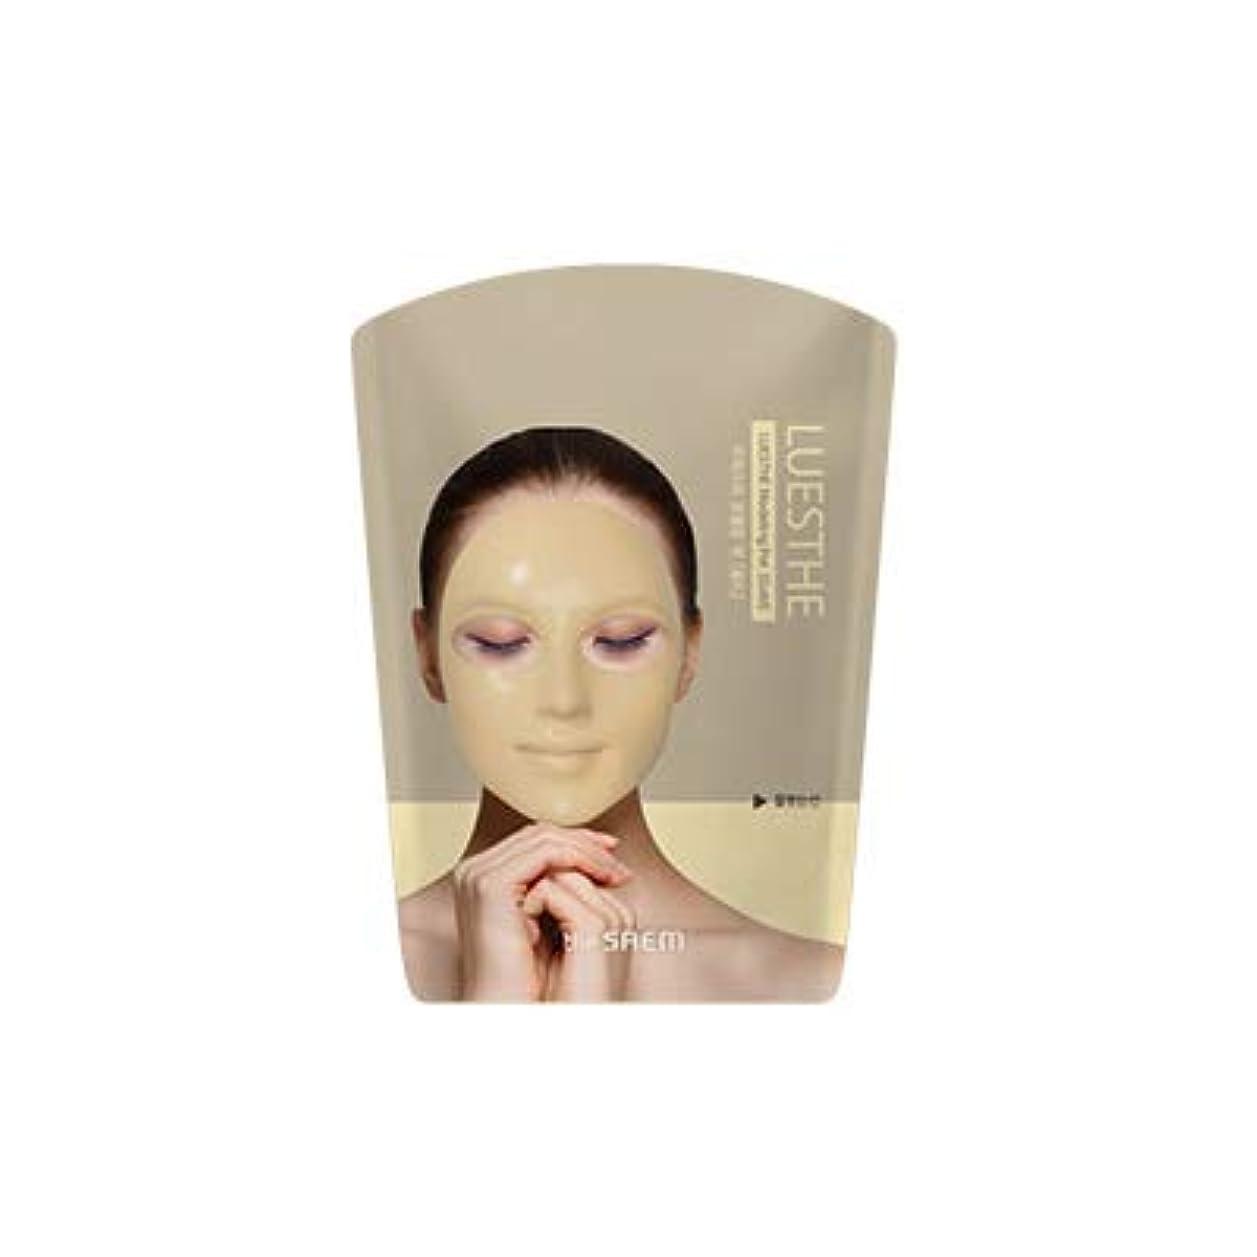 冷凍庫繁栄一般的に言えば【The Saem】ザセム ルエステ モデリング パット/Luesthe Modeling Pot/韓国コスメ (ゴールド)